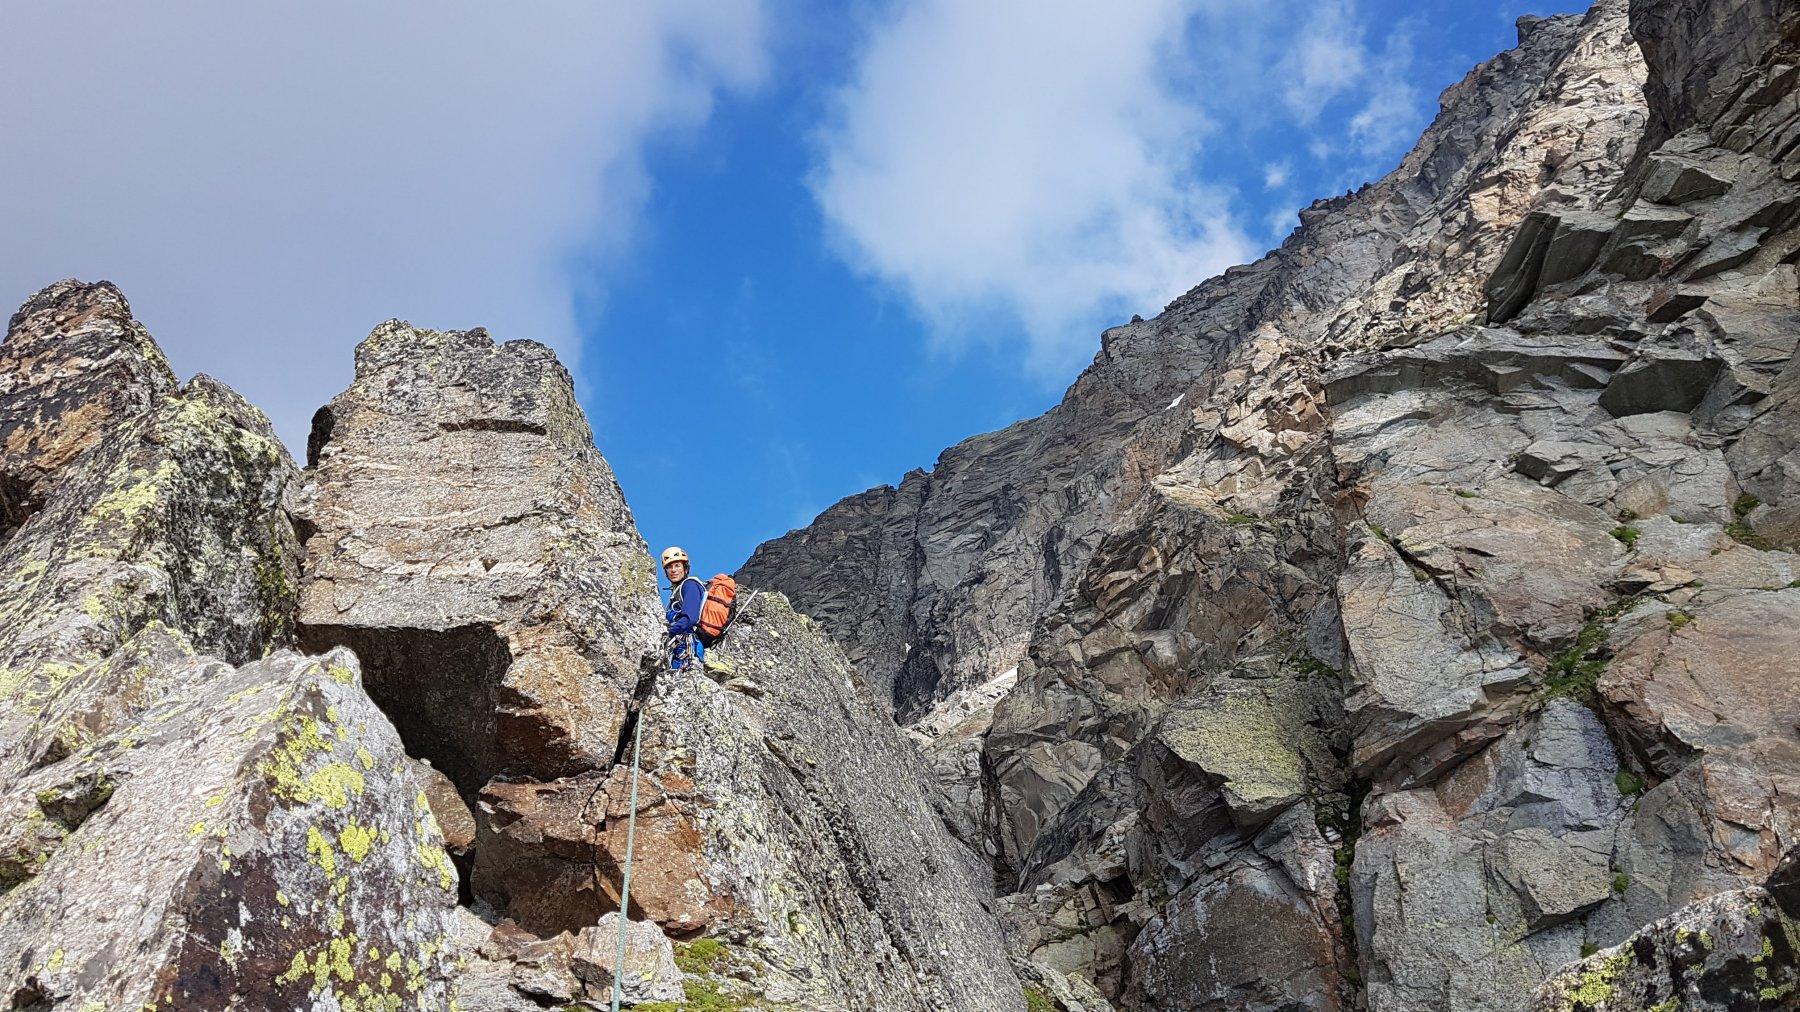 Clavarino Luigi (Punta) quota 3070 m Via Didattica 99 2019-07-21